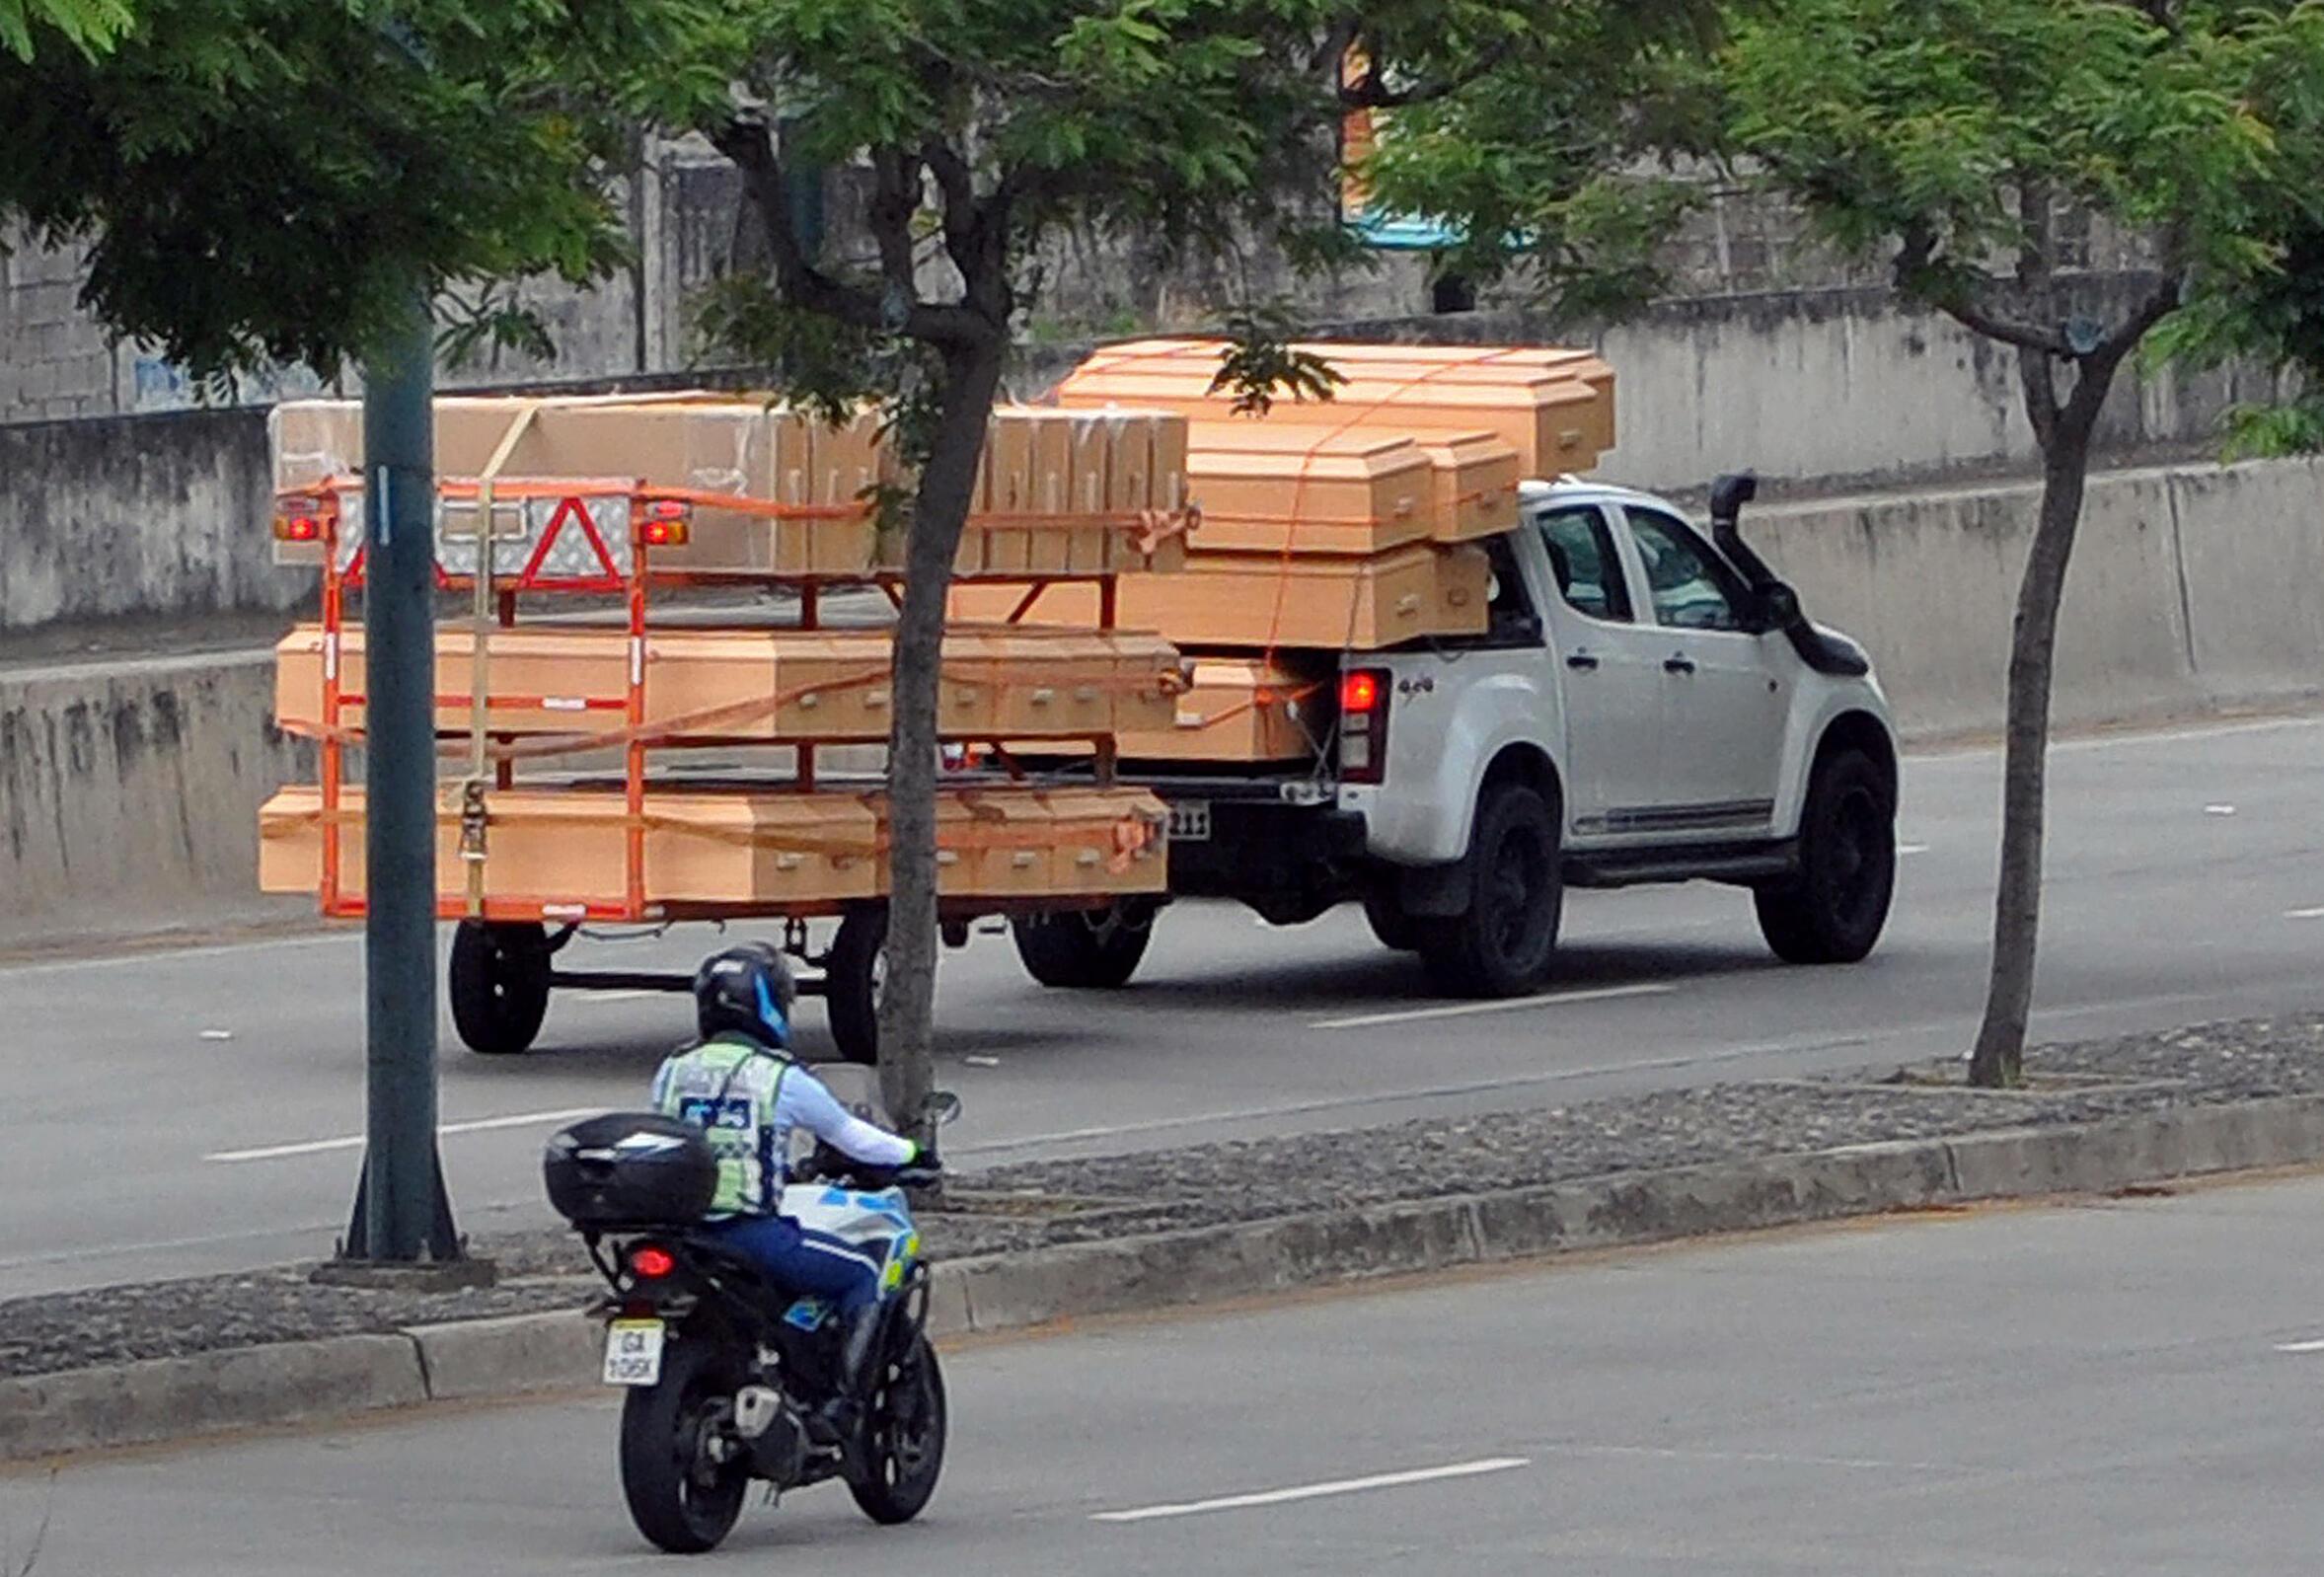 Ataúdes trasladados en un camión en Guayaquil, Ecuador.